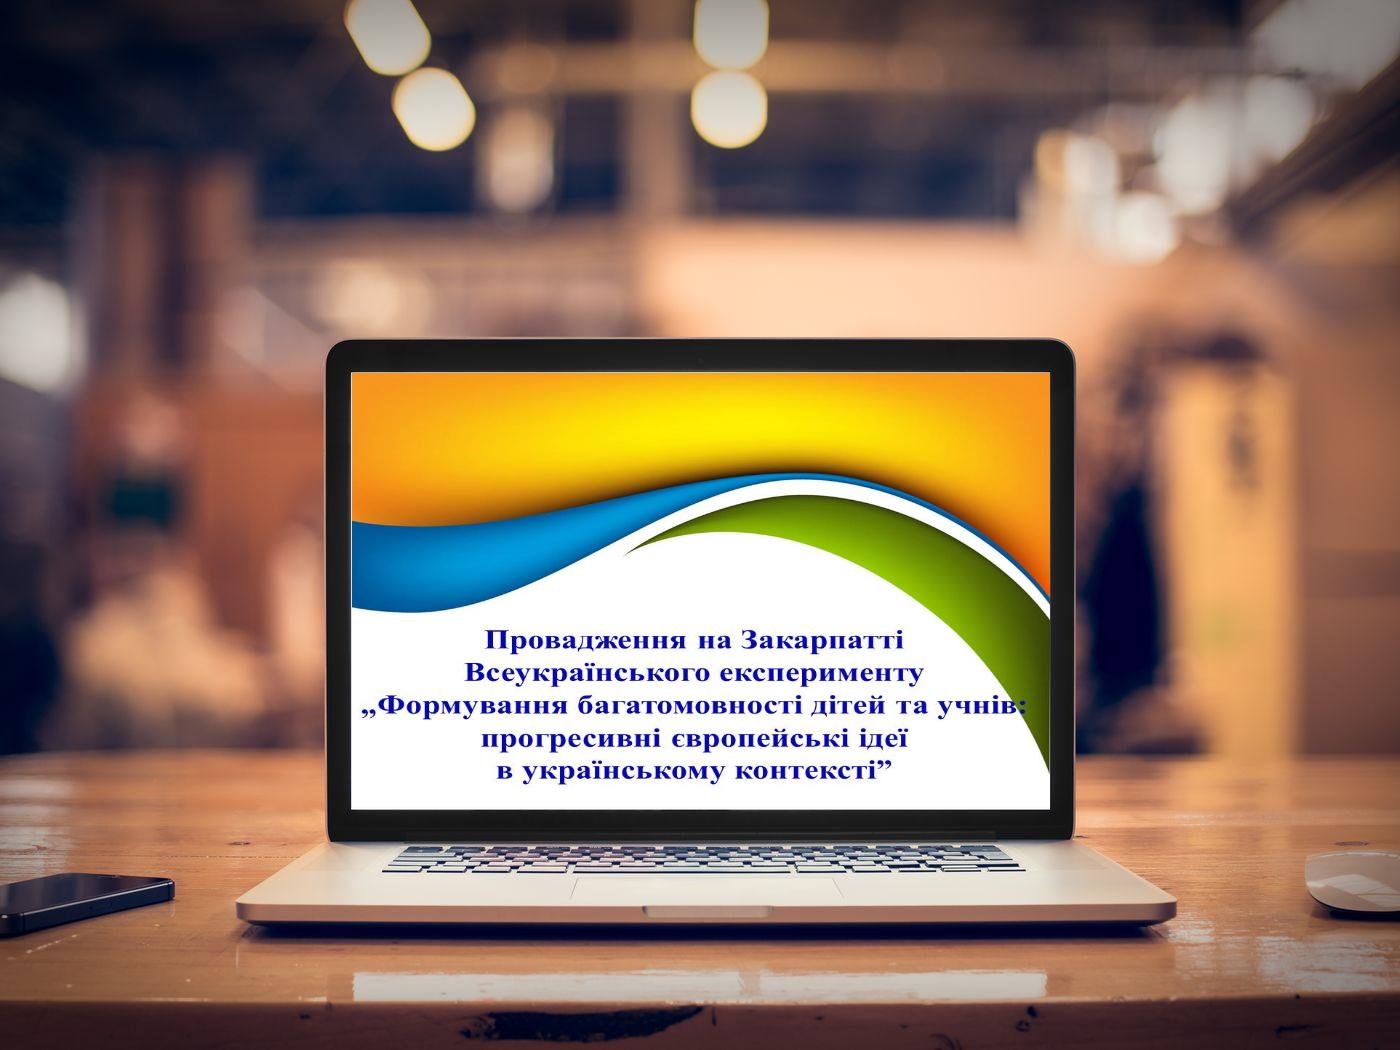 Проведено круглий стіл за підсумками всеукраїнського експерименту з формування багатомовності дітей та учнів